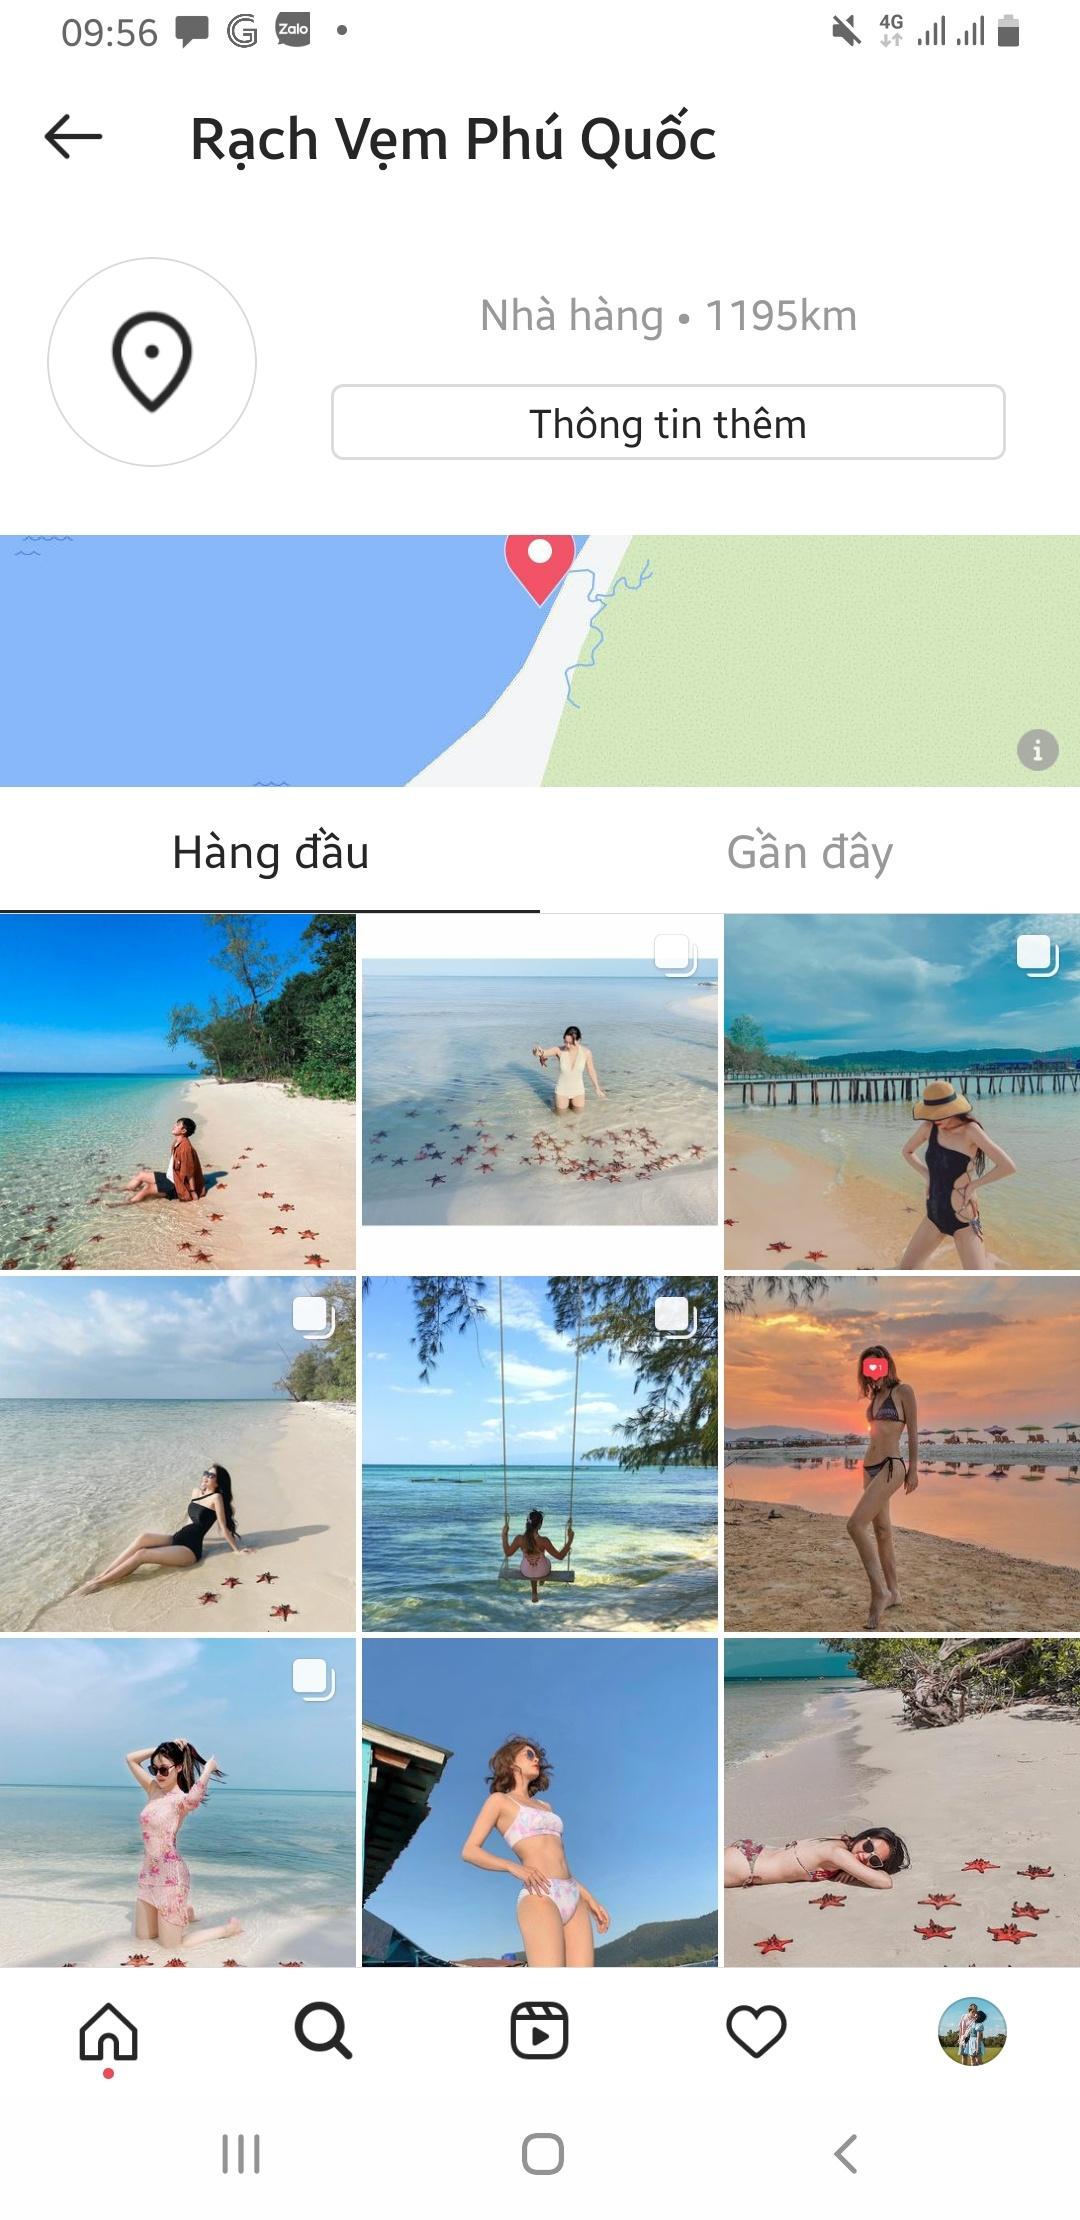 sao bien phu quoc anh 2  - sao - Cảnh sao biển chết khô ở Phú Quốc